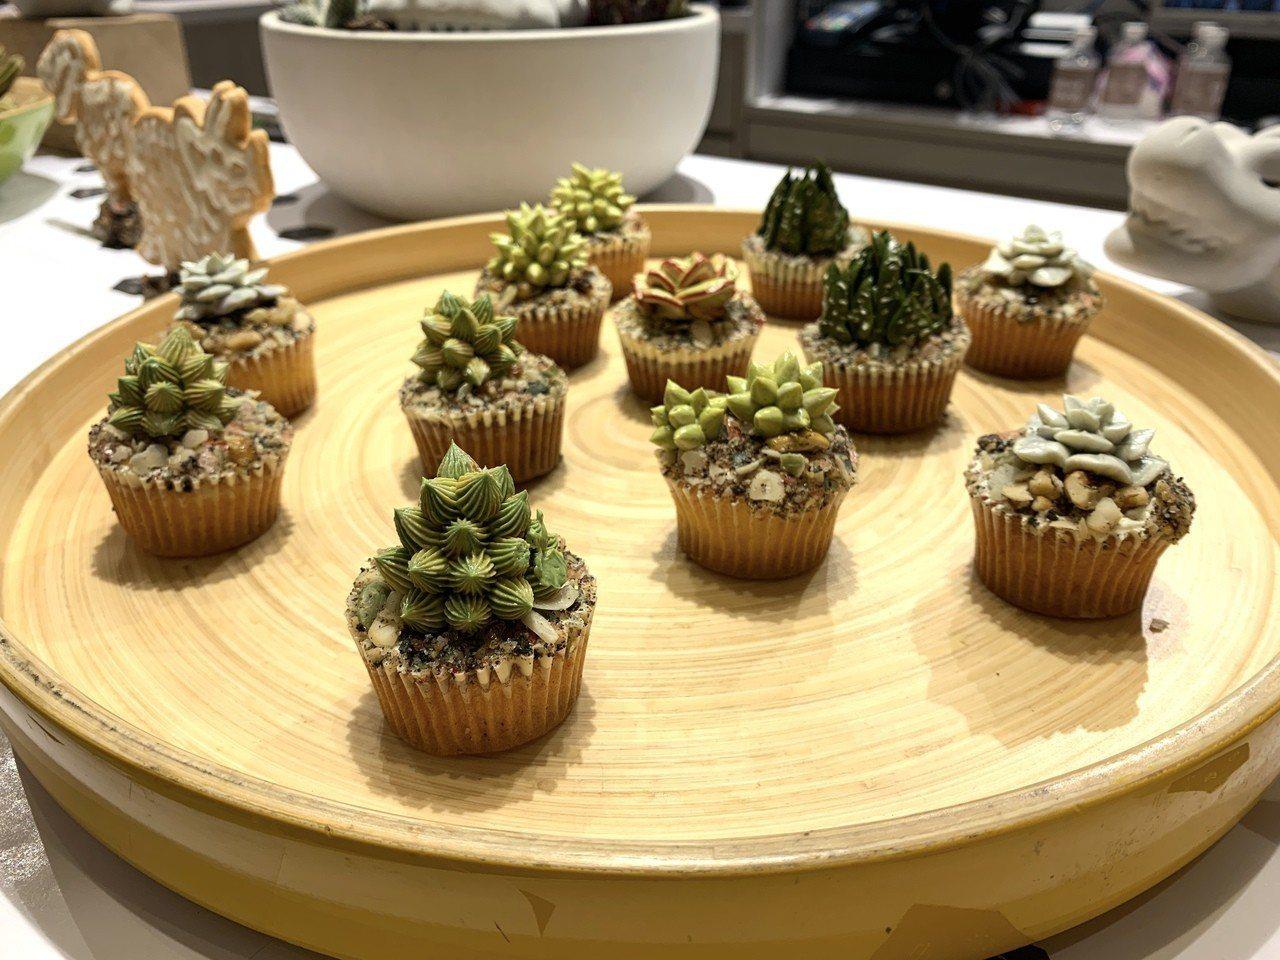 仔細看,這些都是能吃的多肉韓式擠花杯子蛋糕!目前可報名在大安旗艦店開設的DIY課...